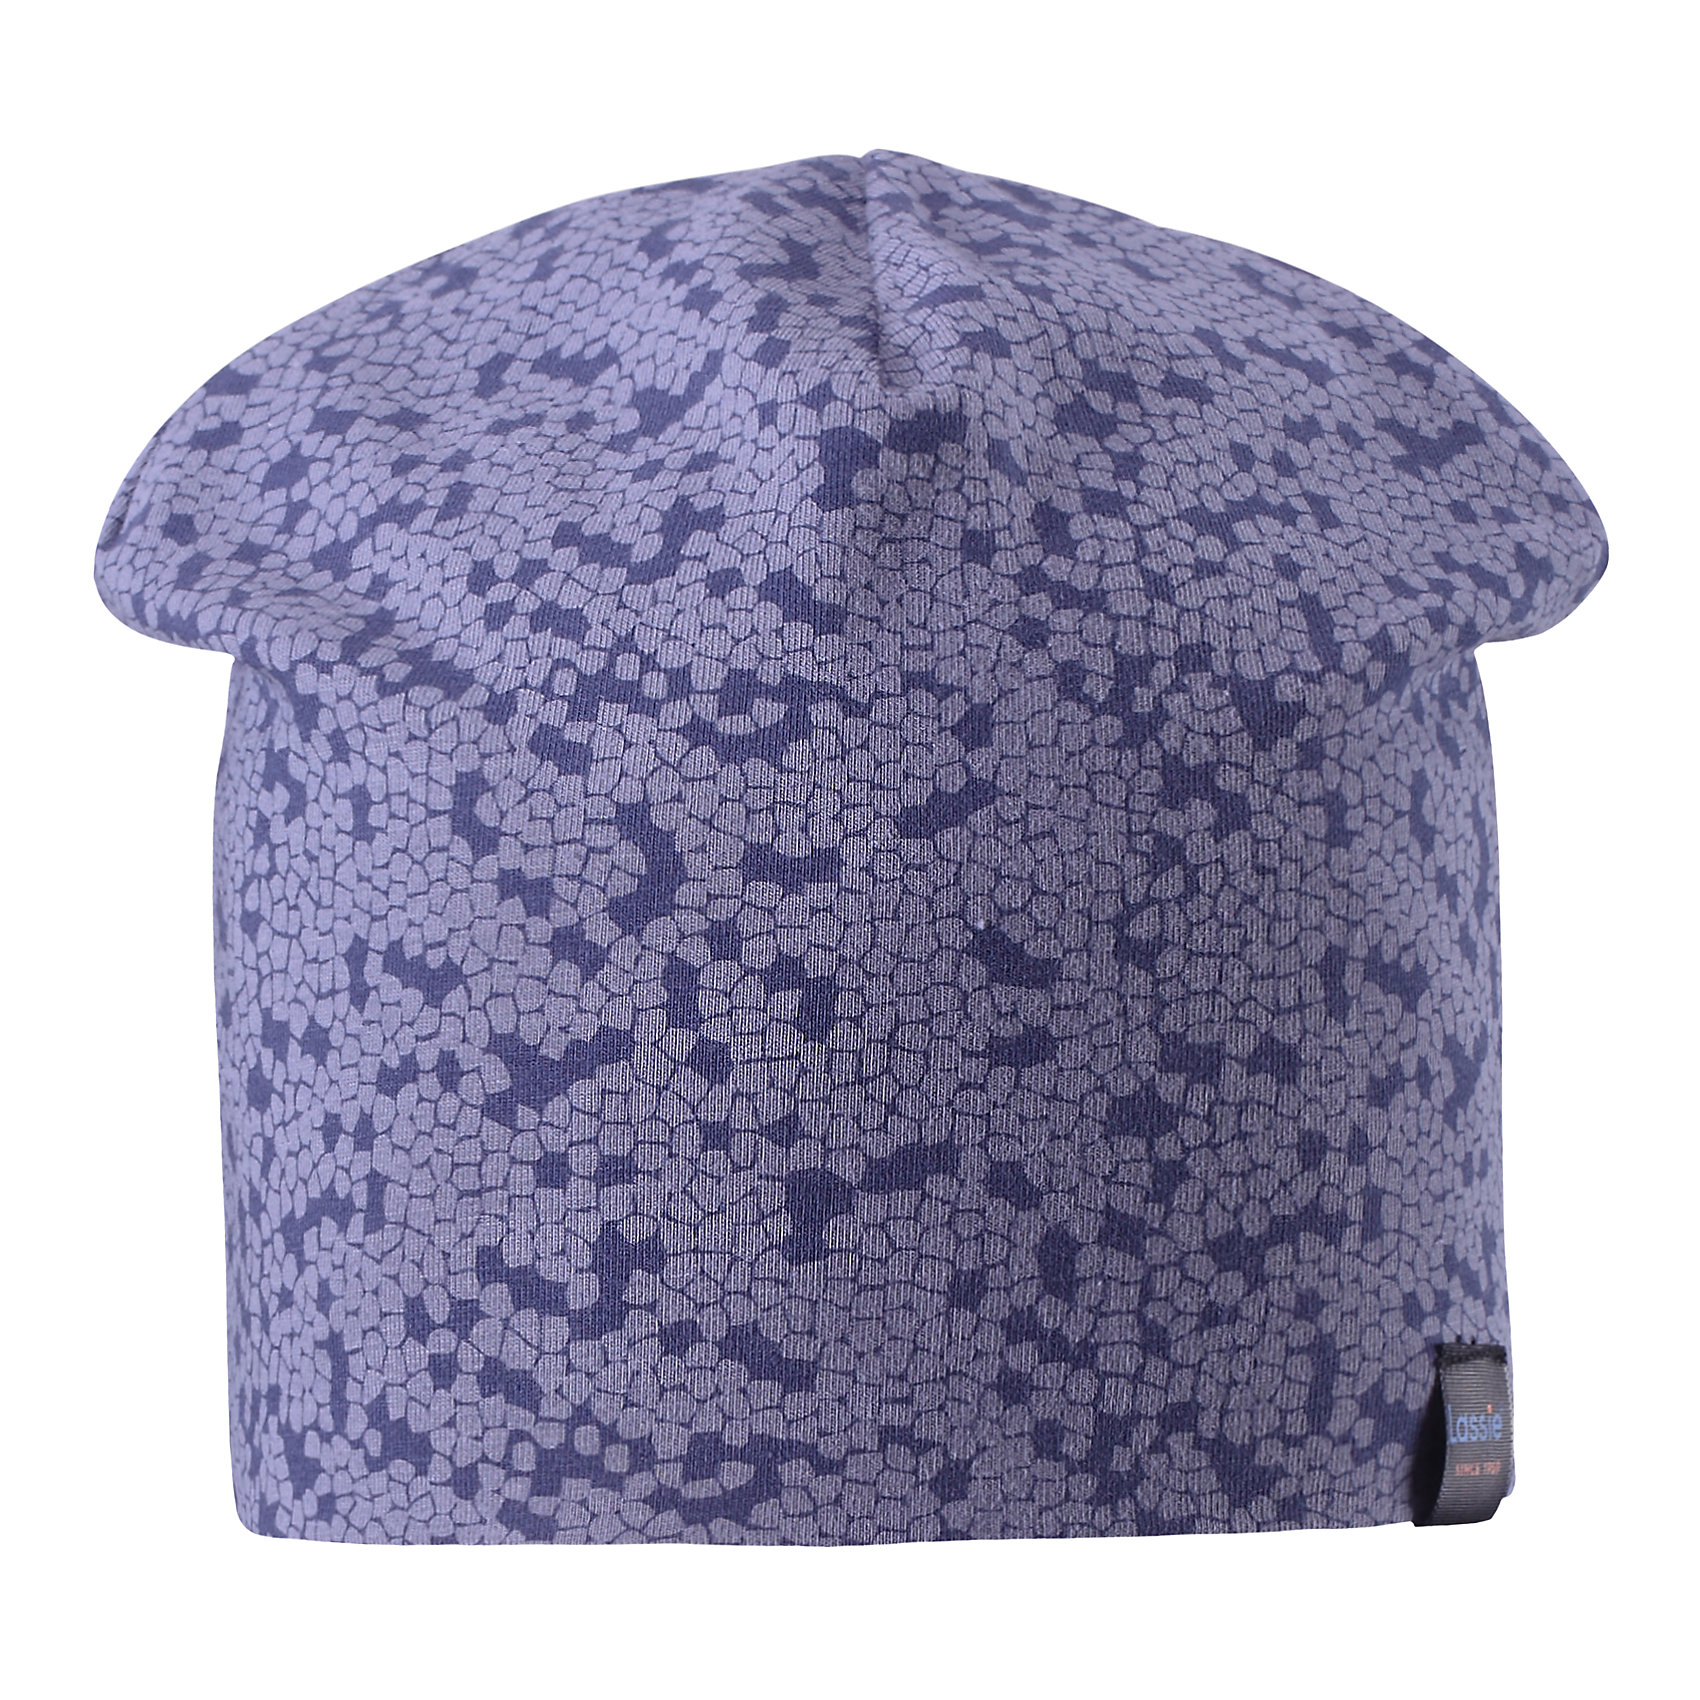 Шапка LASSIEШапки и шарфы<br>Характеристики товара:<br><br>• цвет: синий<br>• температурный режим: от +15°до +5°С<br>• состав: 97% хлопок, 3% эластан<br>• эластичный материал<br>• мягкая сплошная подкладка: смесь хлопка jersey<br>• ветронепроницаемые вставки в области ушей<br>• принт<br>• комфортная посадка<br>• страна производства: Китай<br>• страна бренда: Финляндия<br>• коллекция: весна-лето 2017<br><br>Детский головной убор может быть модным и удобным одновременно! Стильная шапка поможет обеспечить ребенку комфорт и дополнить наряд. Она отлично смотрится с различной одеждой. Шапка удобно сидит и аккуратно выглядит. Проста в уходе, долго служит. Продуманный крой разрабатывался специально для детей.<br><br>Обувь и одежда от финского бренда LASSIE пользуются популярностью во многих странах. Они стильные, качественные и удобные. Для производства продукции используются только безопасные, проверенные материалы и фурнитура. Порадуйте ребенка модными и красивыми вещами от Lassie®! <br><br>Шапку от финского бренда LASSIE можно купить в нашем интернет-магазине.<br><br>Ширина мм: 89<br>Глубина мм: 117<br>Высота мм: 44<br>Вес г: 155<br>Цвет: синий<br>Возраст от месяцев: 12<br>Возраст до месяцев: 18<br>Пол: Унисекс<br>Возраст: Детский<br>Размер: 46-48,54-56,50-52<br>SKU: 5264211